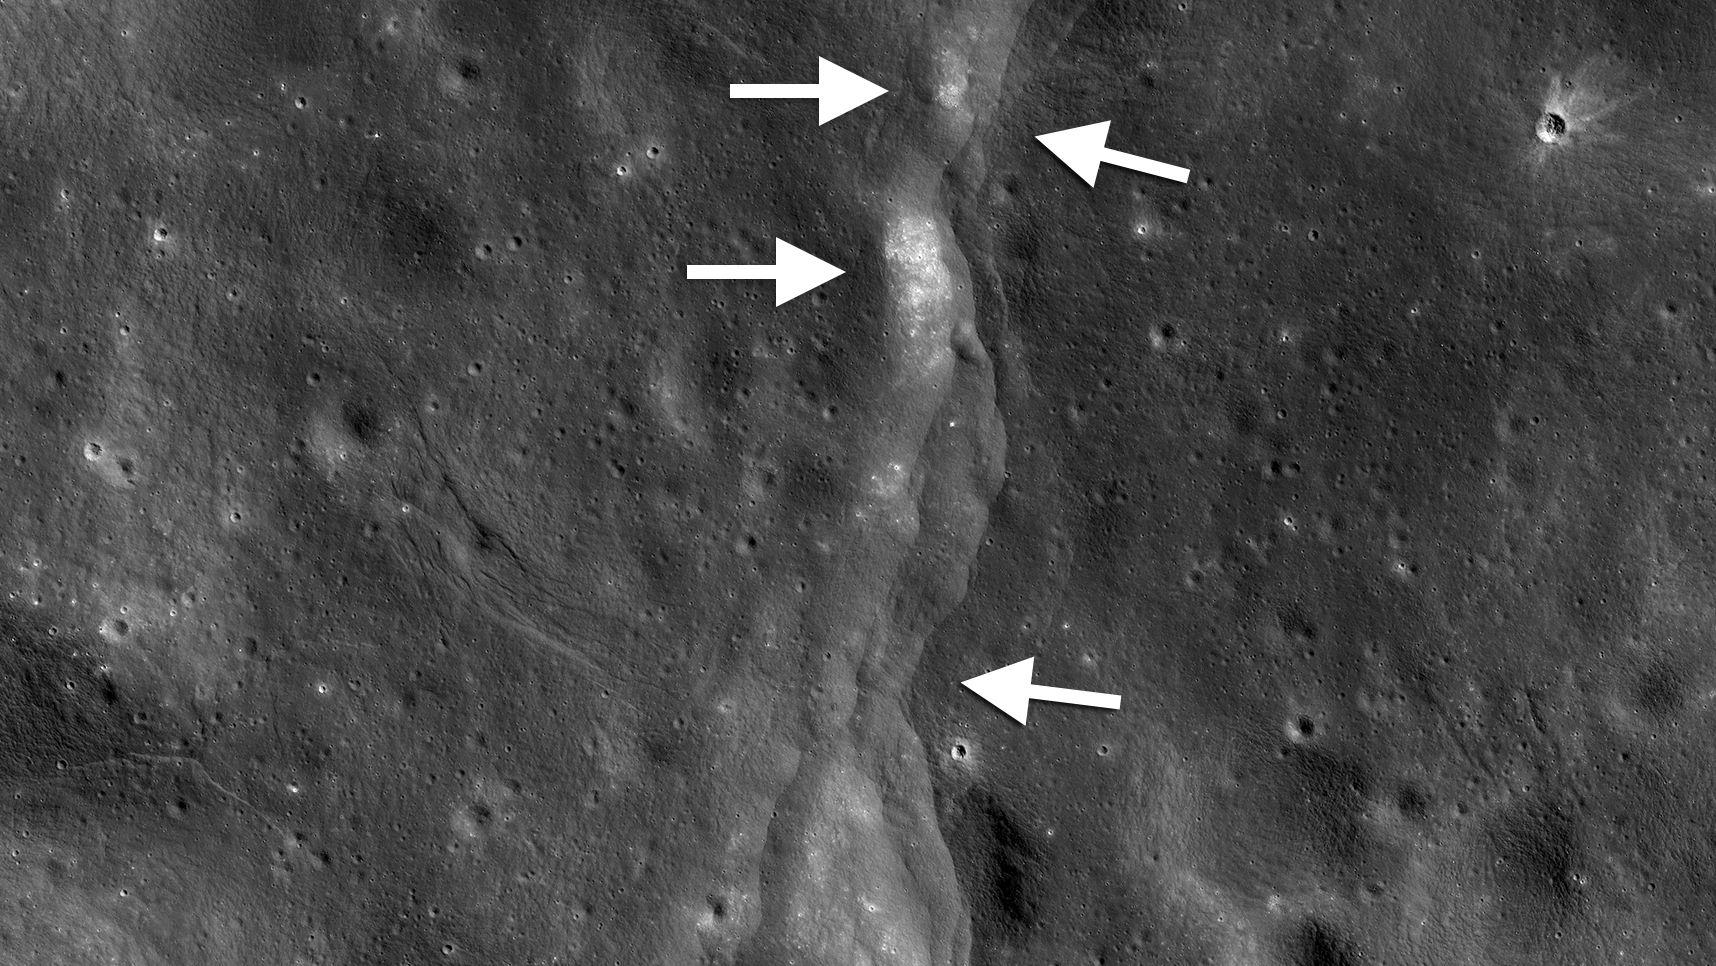 実は活発だった「月」の地殻活動、地震計データを再分析